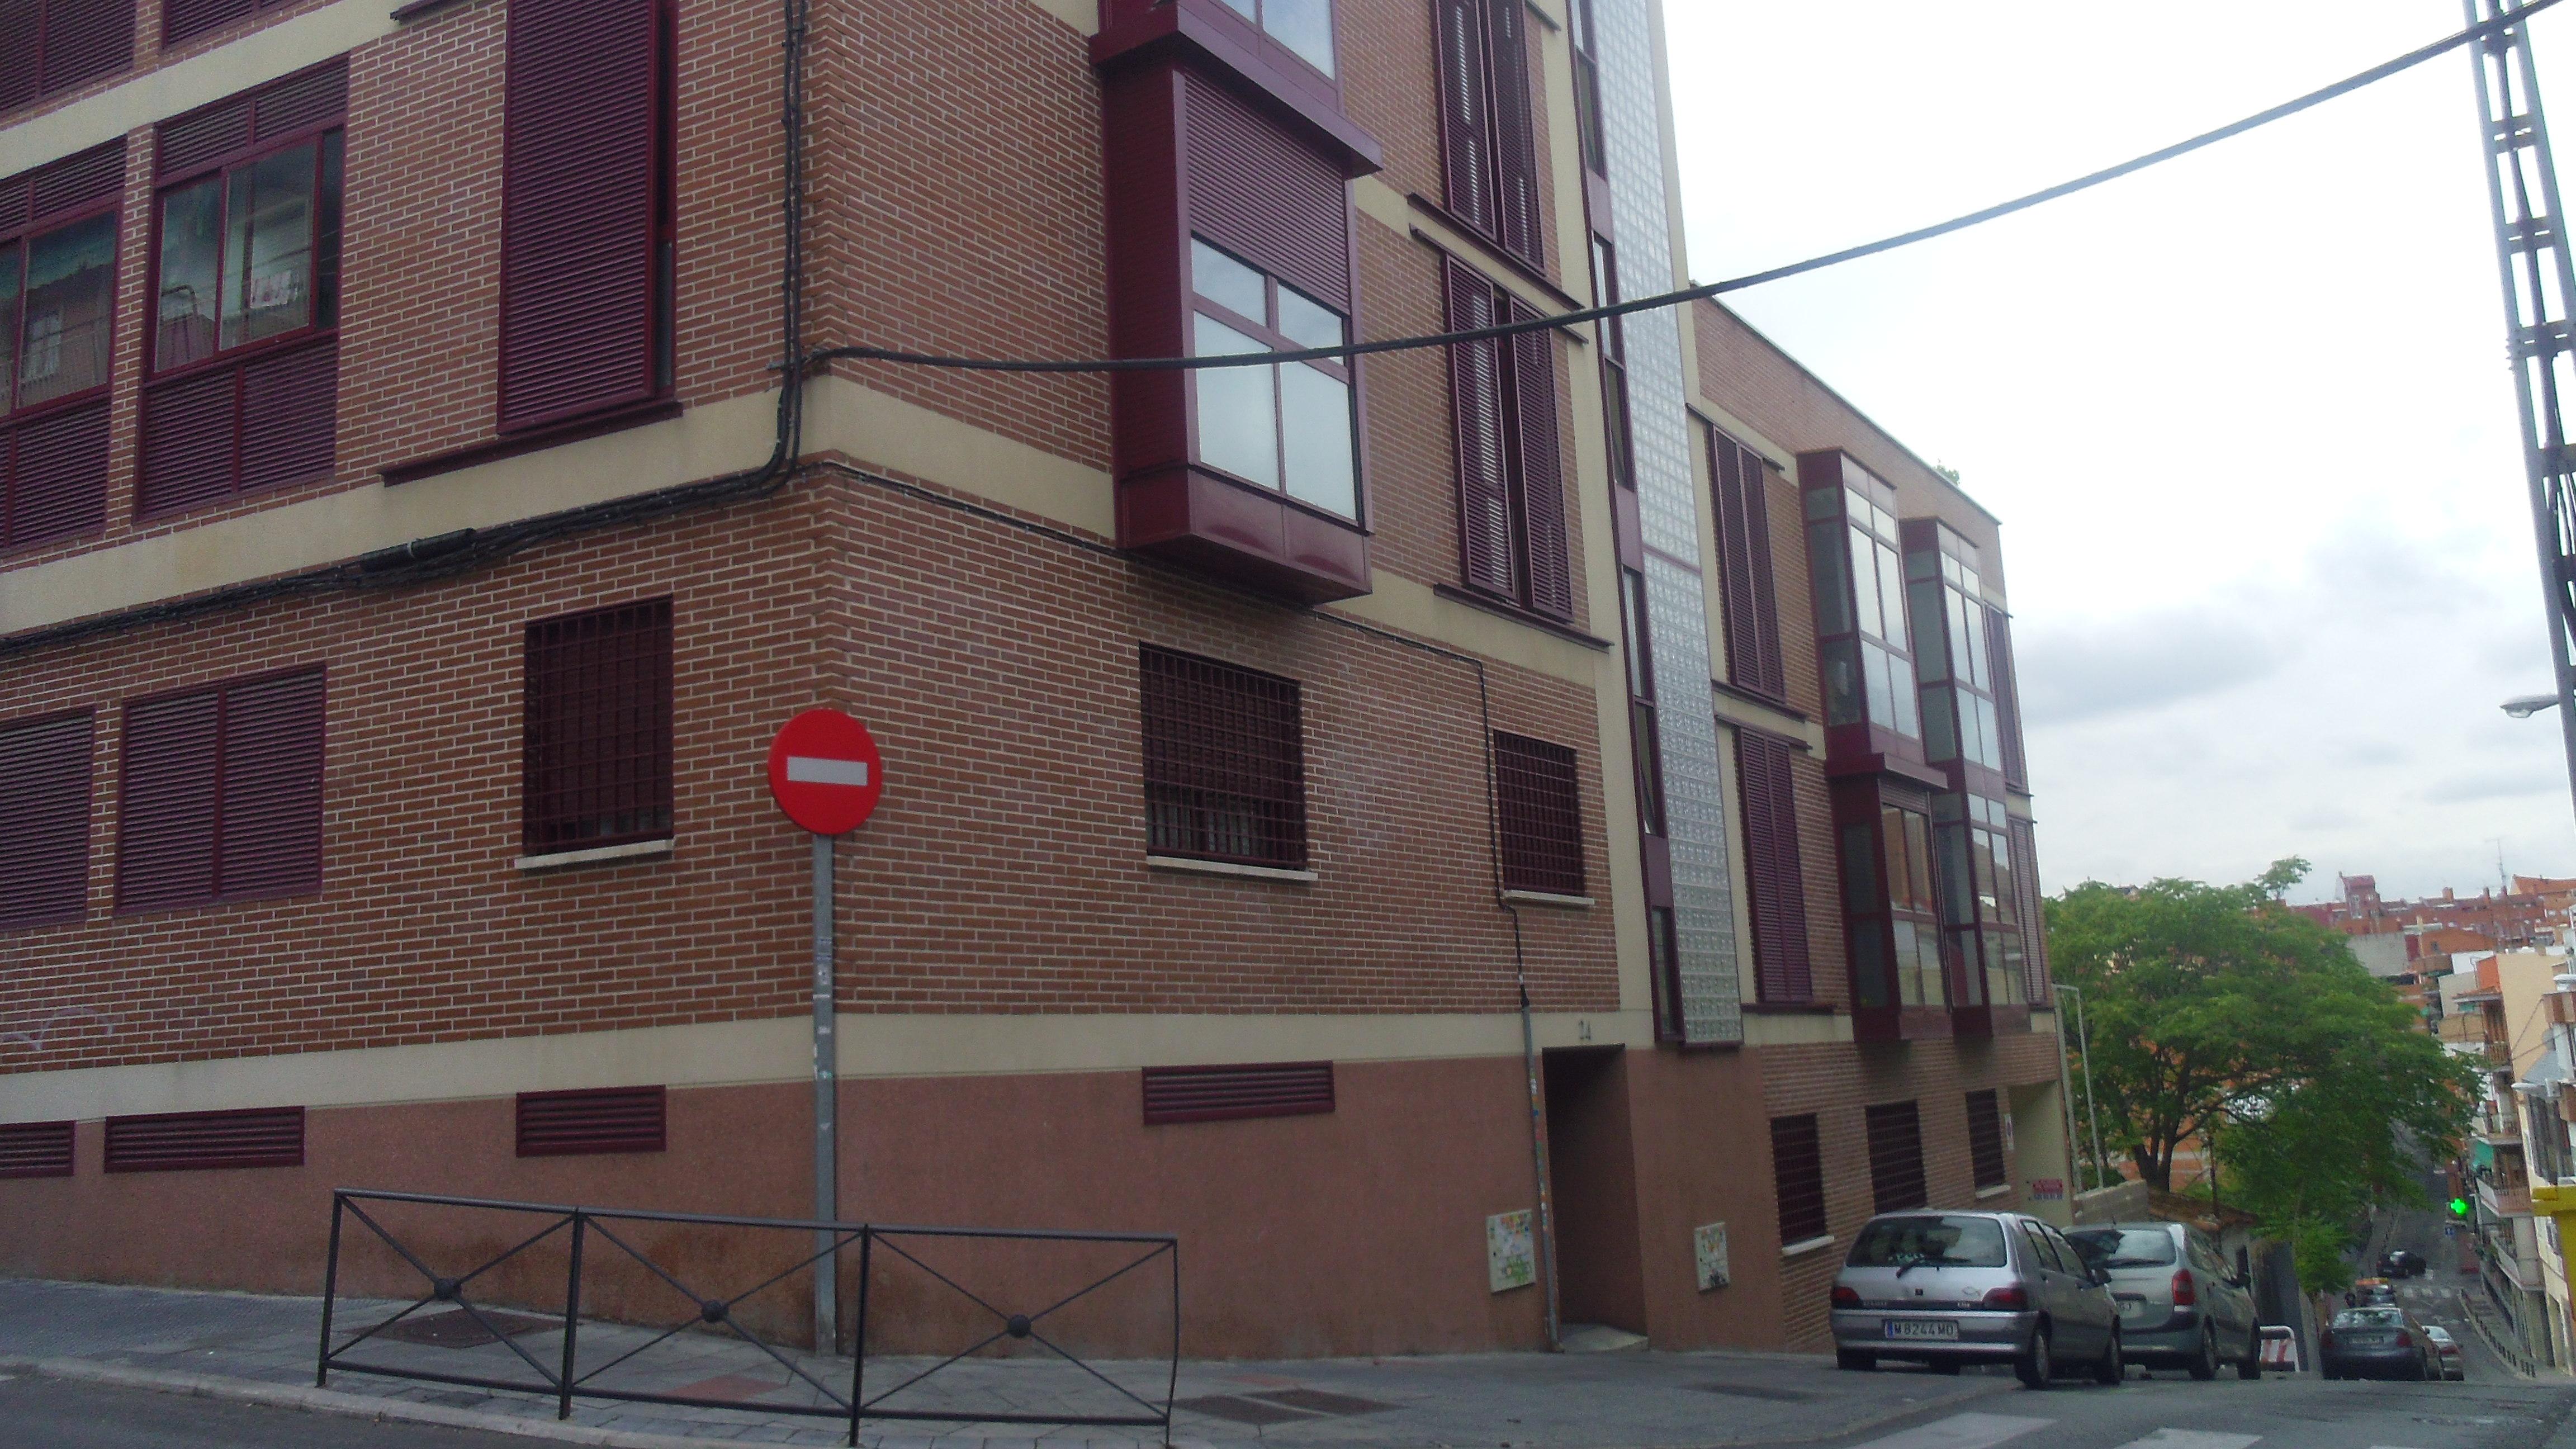 alquiler en madrid cerca de plaza castilla pisos y casas